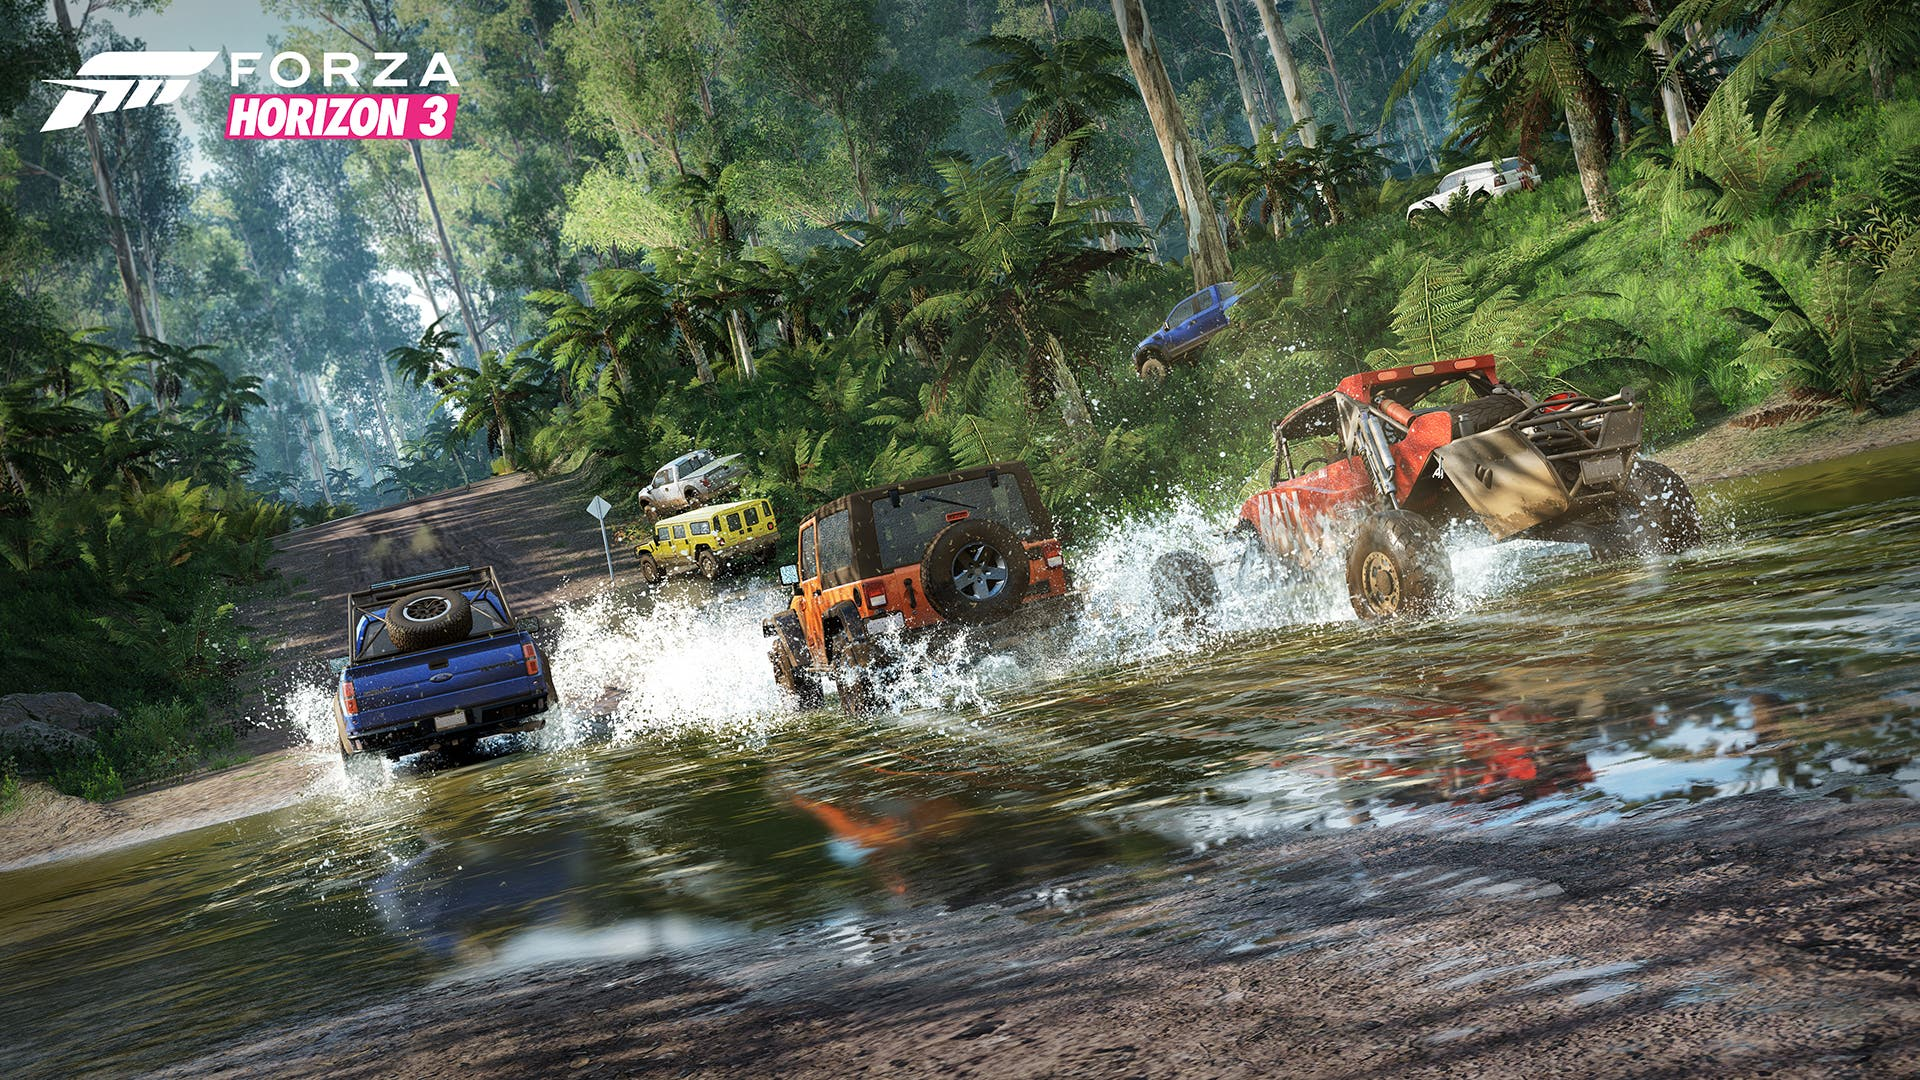 Forza-Horizon-3-Stream-Cross-jungle-road